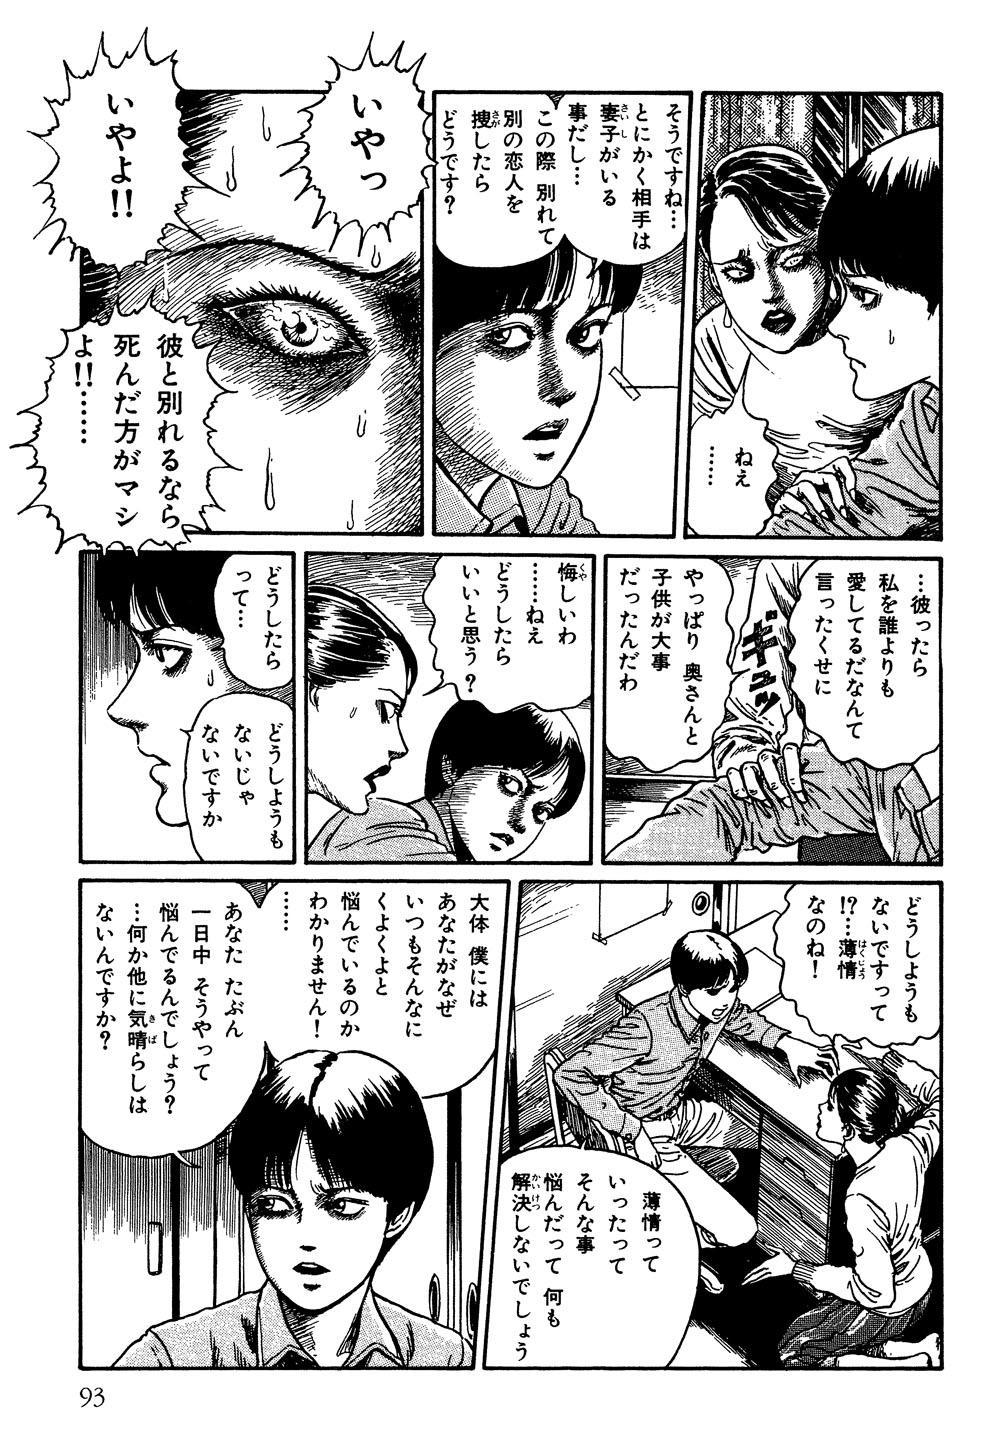 itouj_0004_0095.jpg